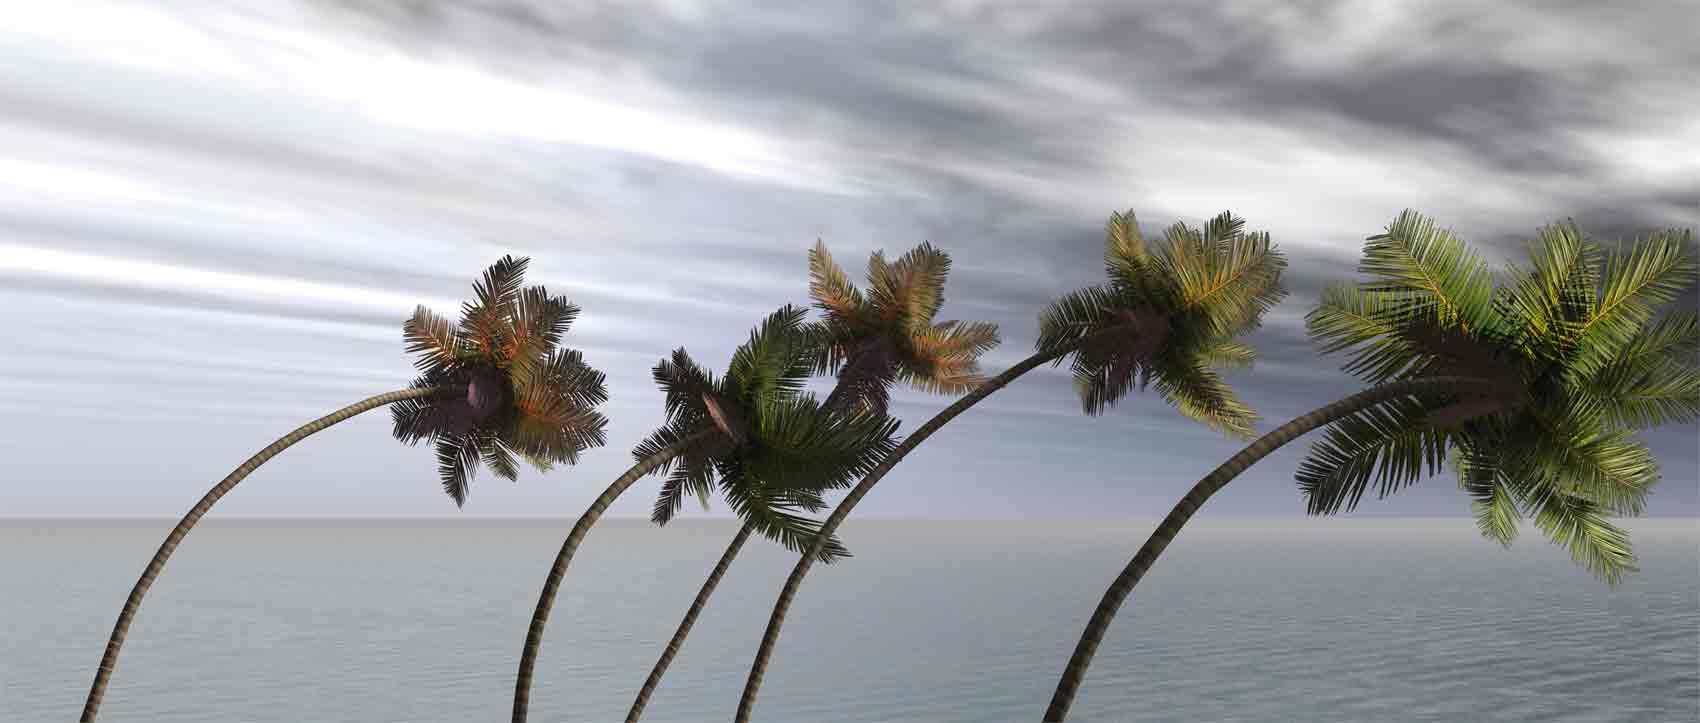 hurricanepalmtree1